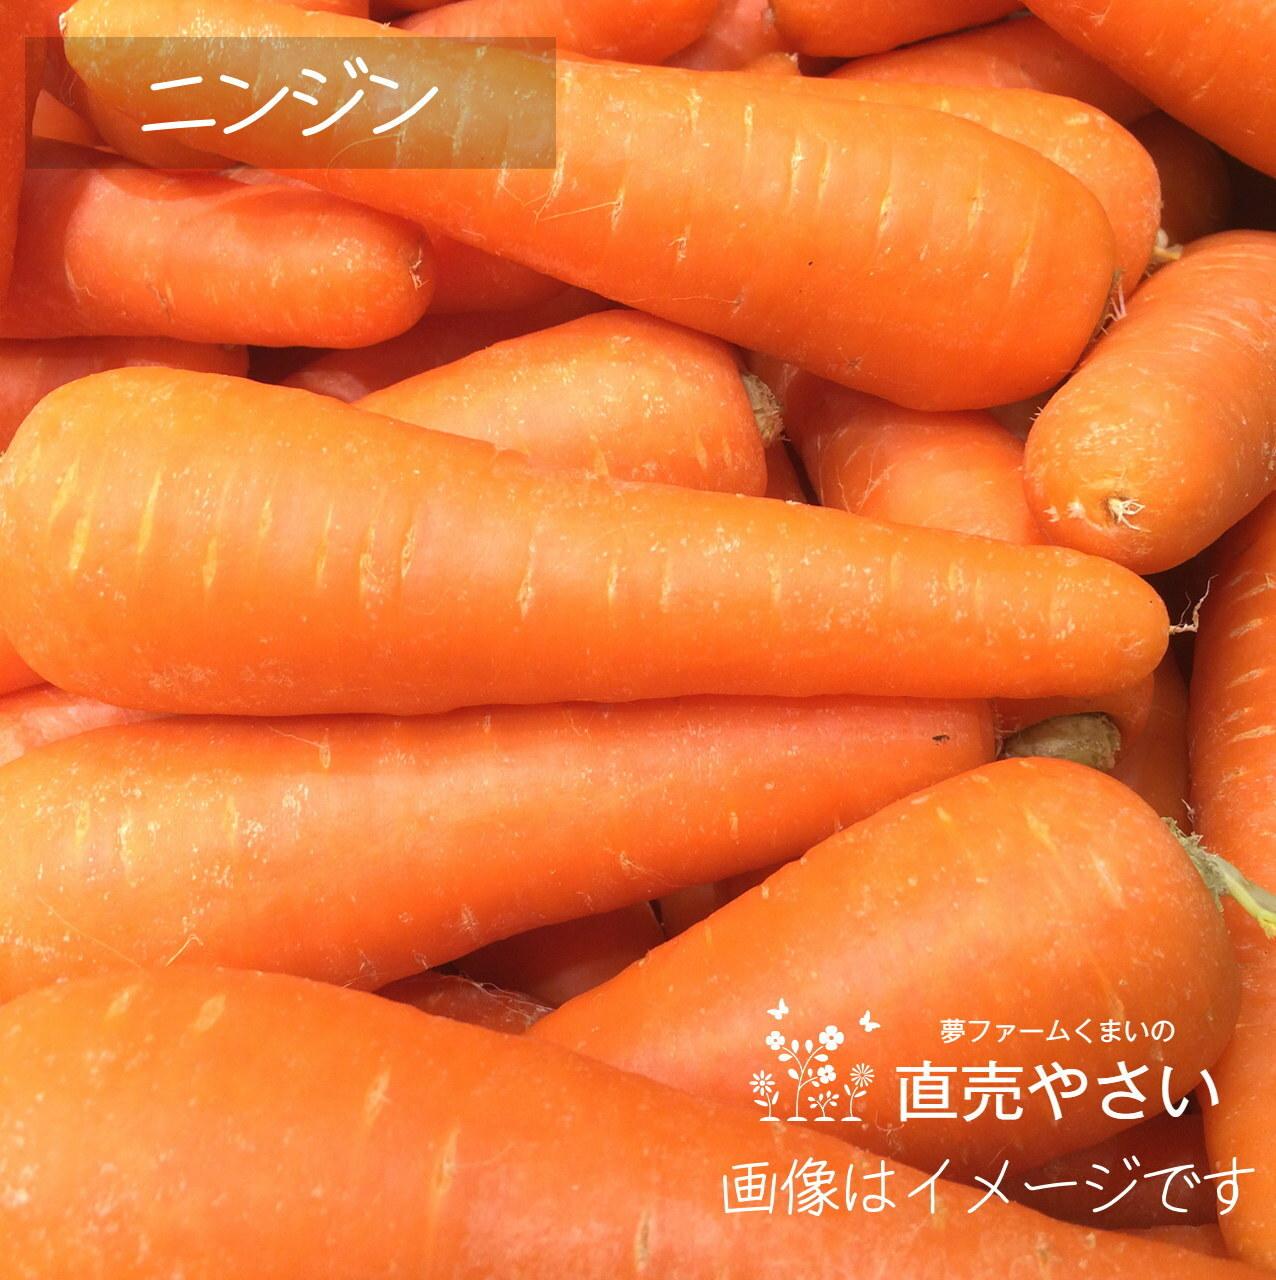 10月の朝採り直売野菜 : ニンジン 約400g 新鮮な秋野菜 10月17日発送予定